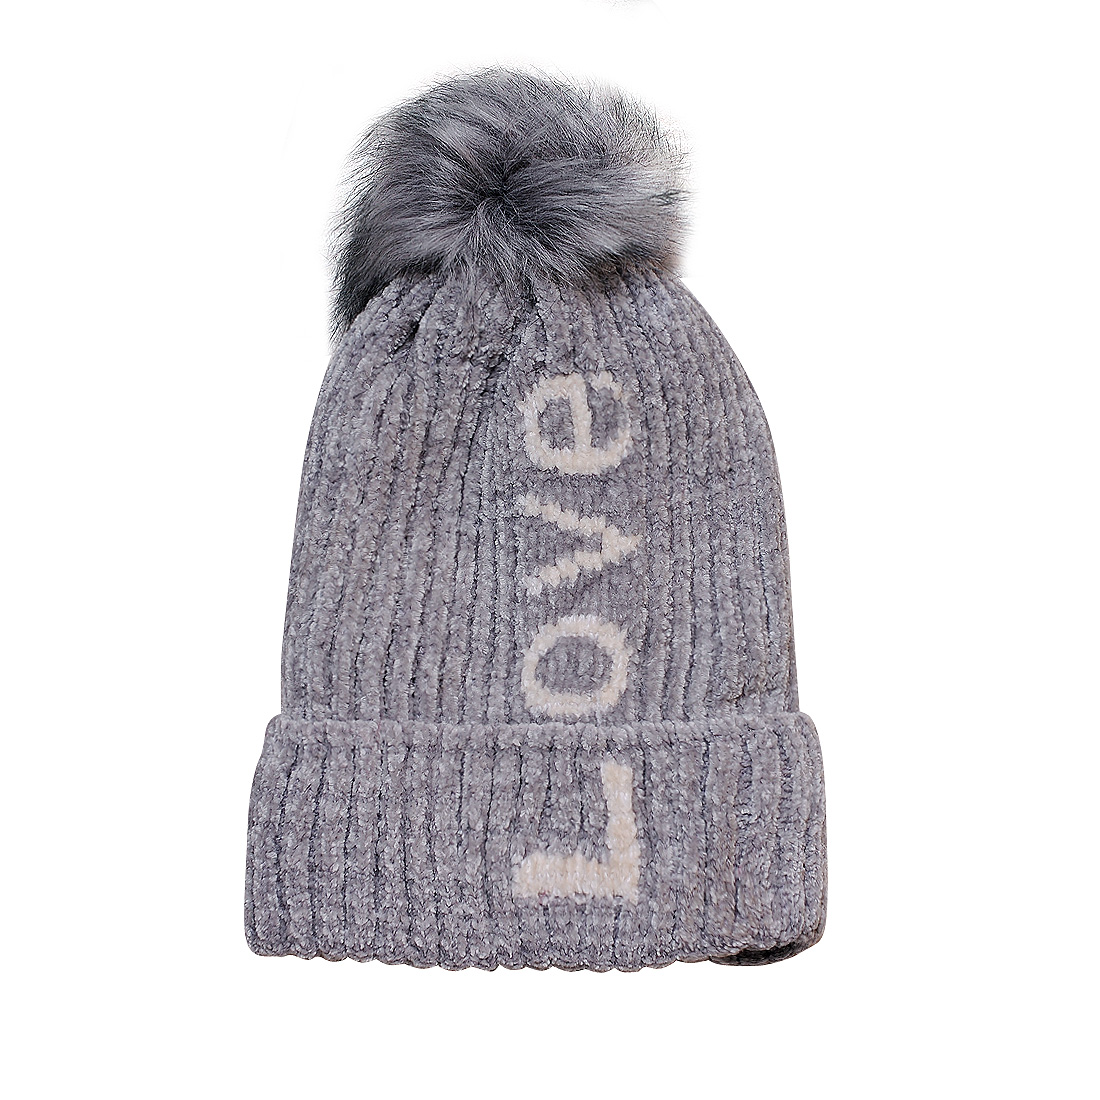 Mũ len thời trang cao cấp màu ghi EH46-3